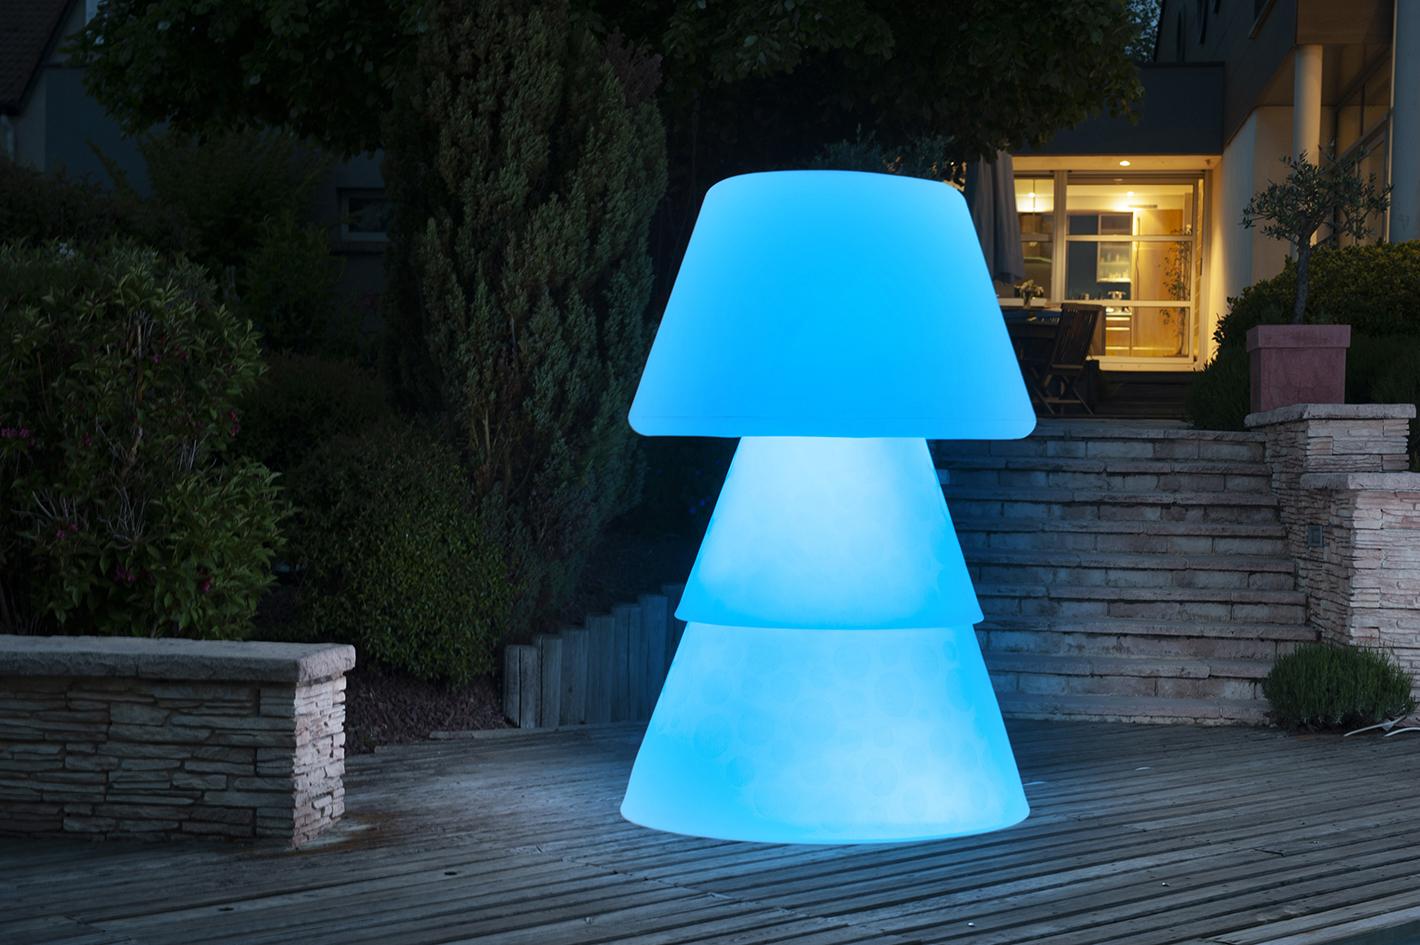 Lampadaire polyéthylène sur terrasse de nuit. allumage led bleue